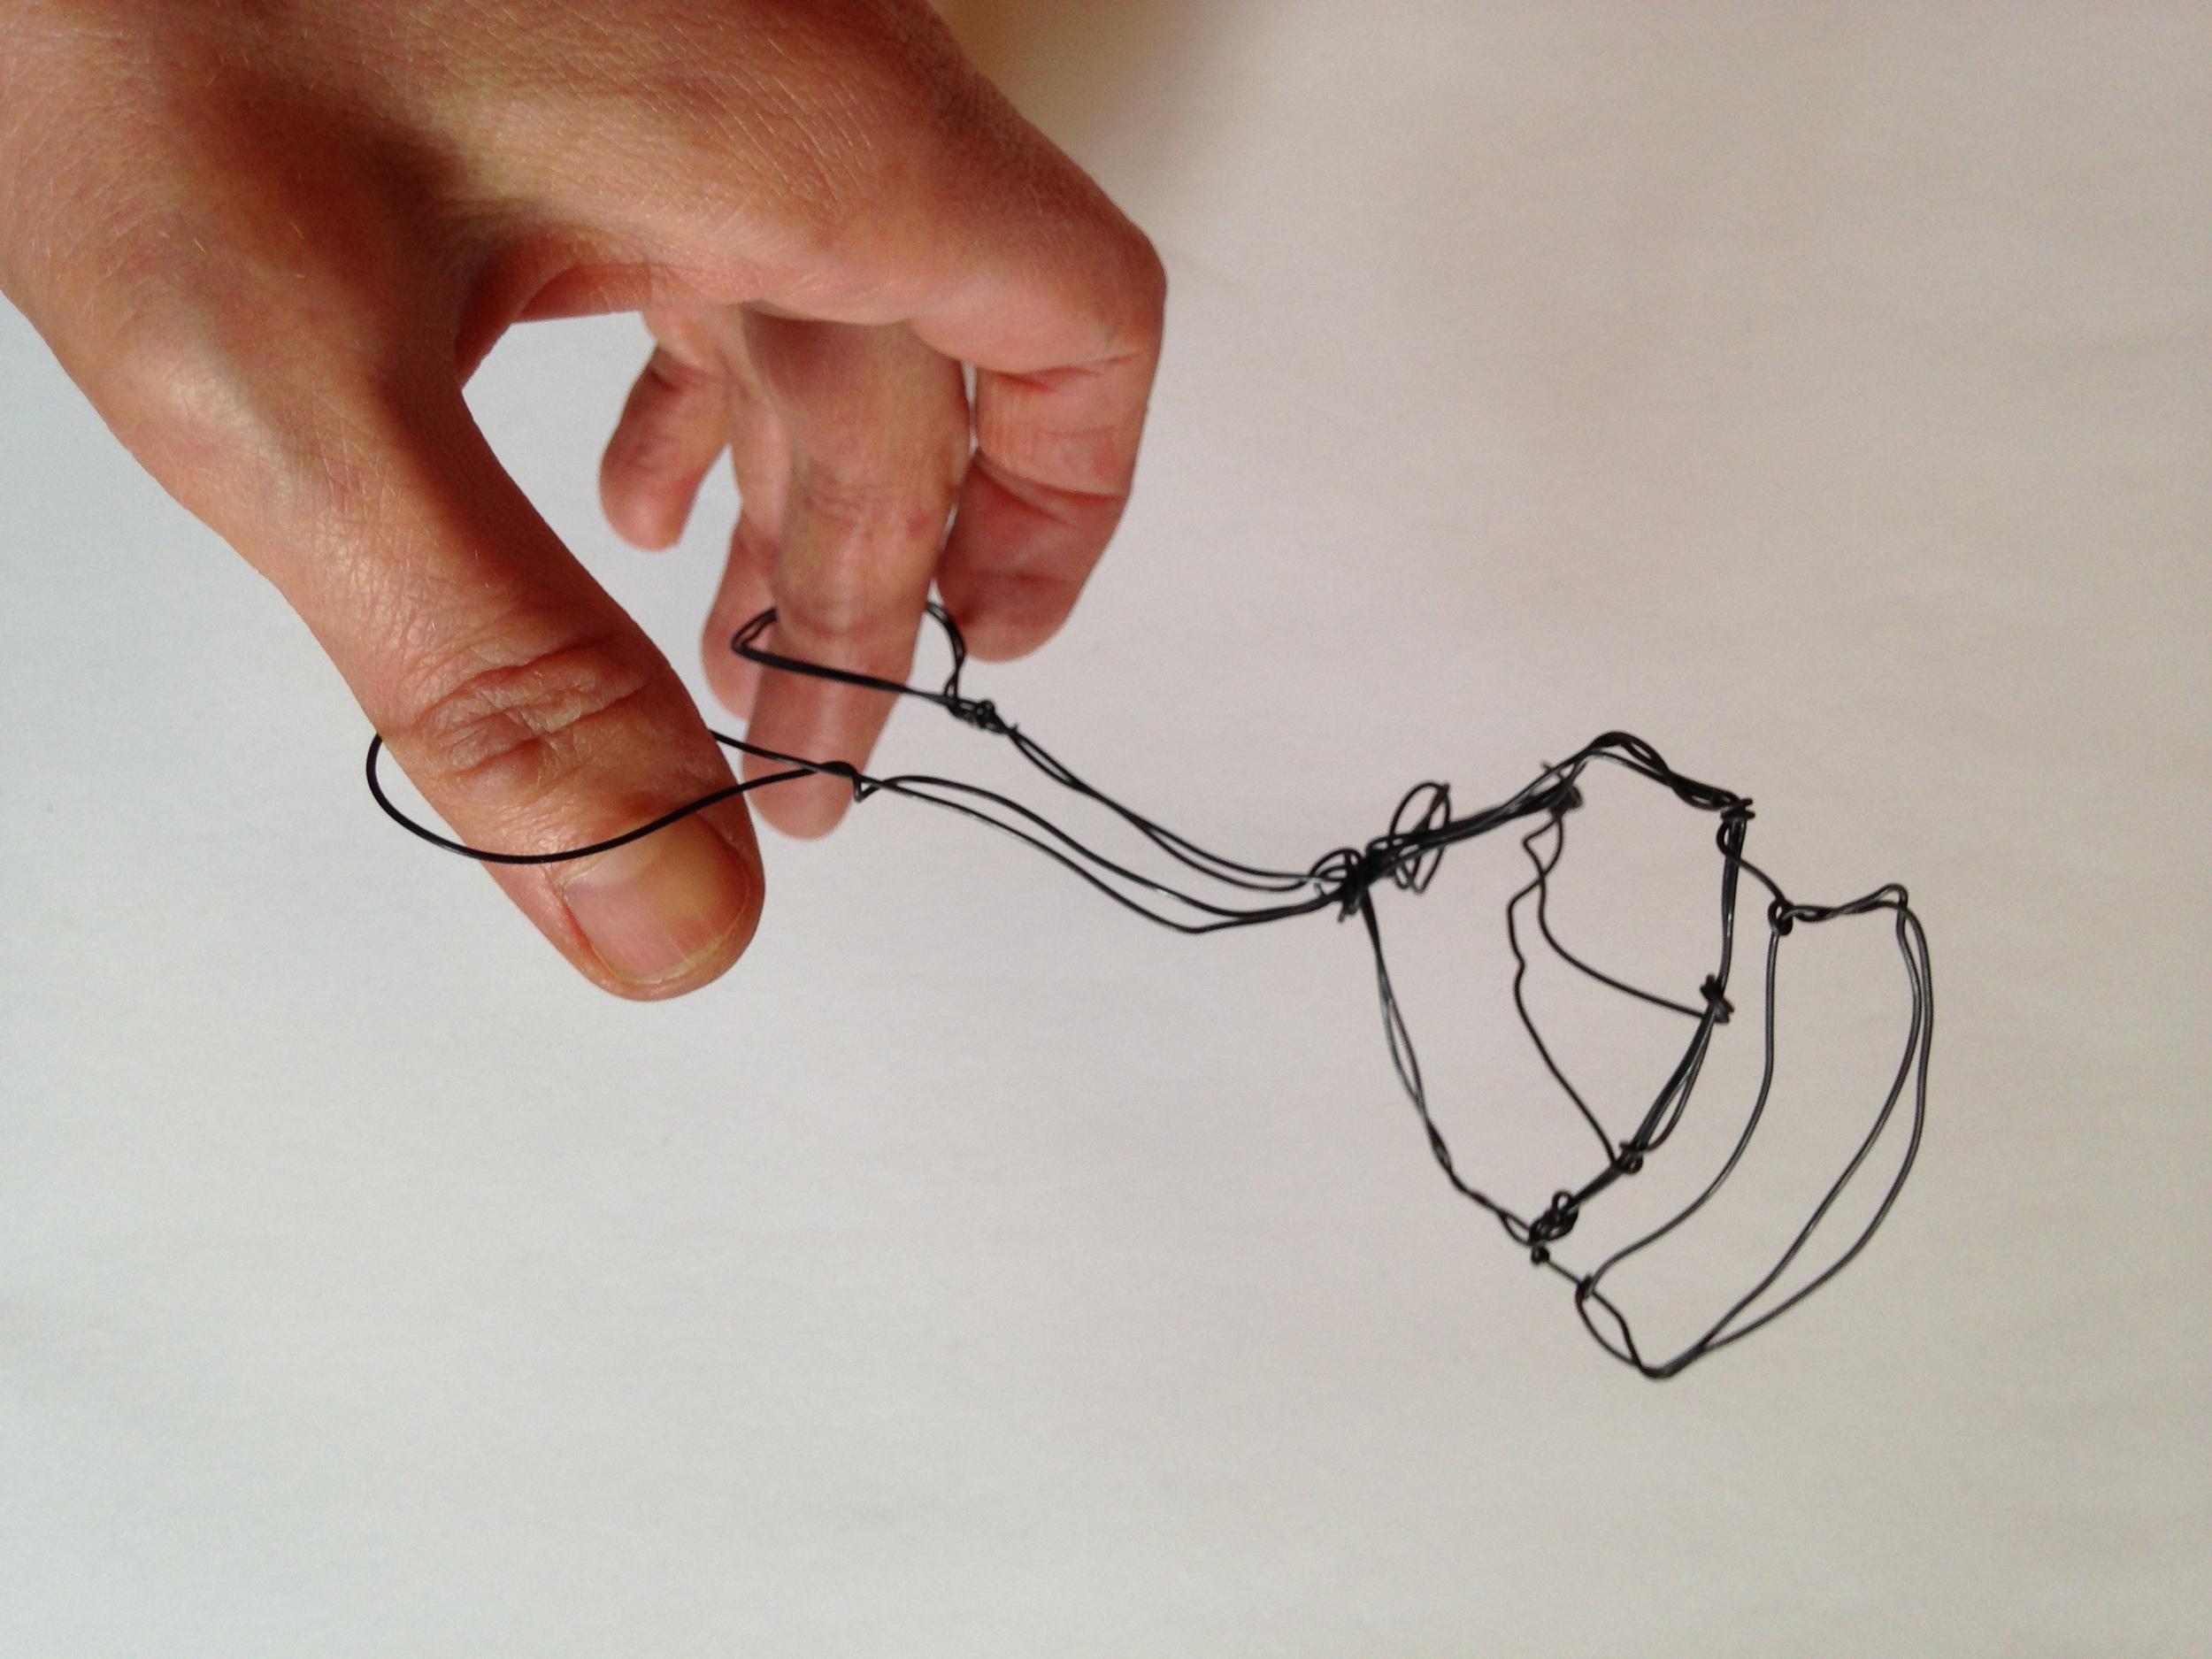 wire_eyelash_curlers1.JPG